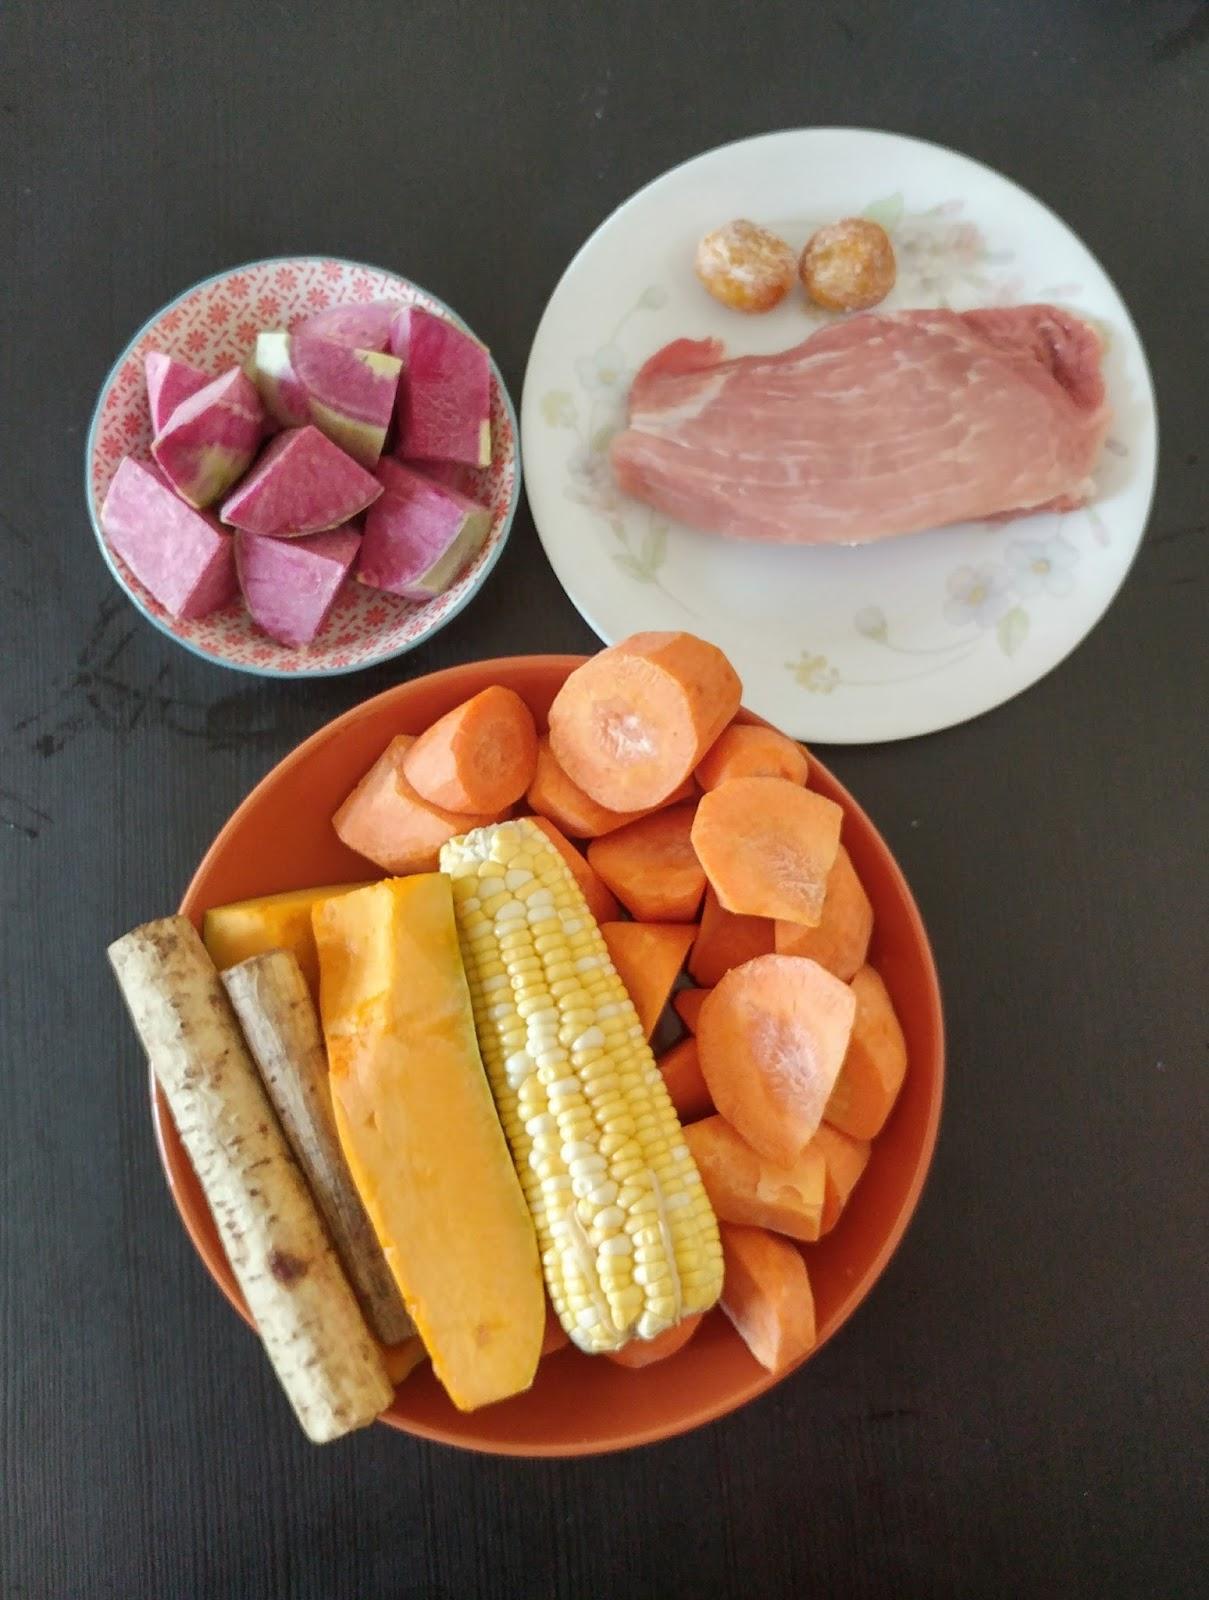 【春天湯水】清甜.滋潤.排毒.南瓜牛蒡心內美蘿蔔湯。合8m+